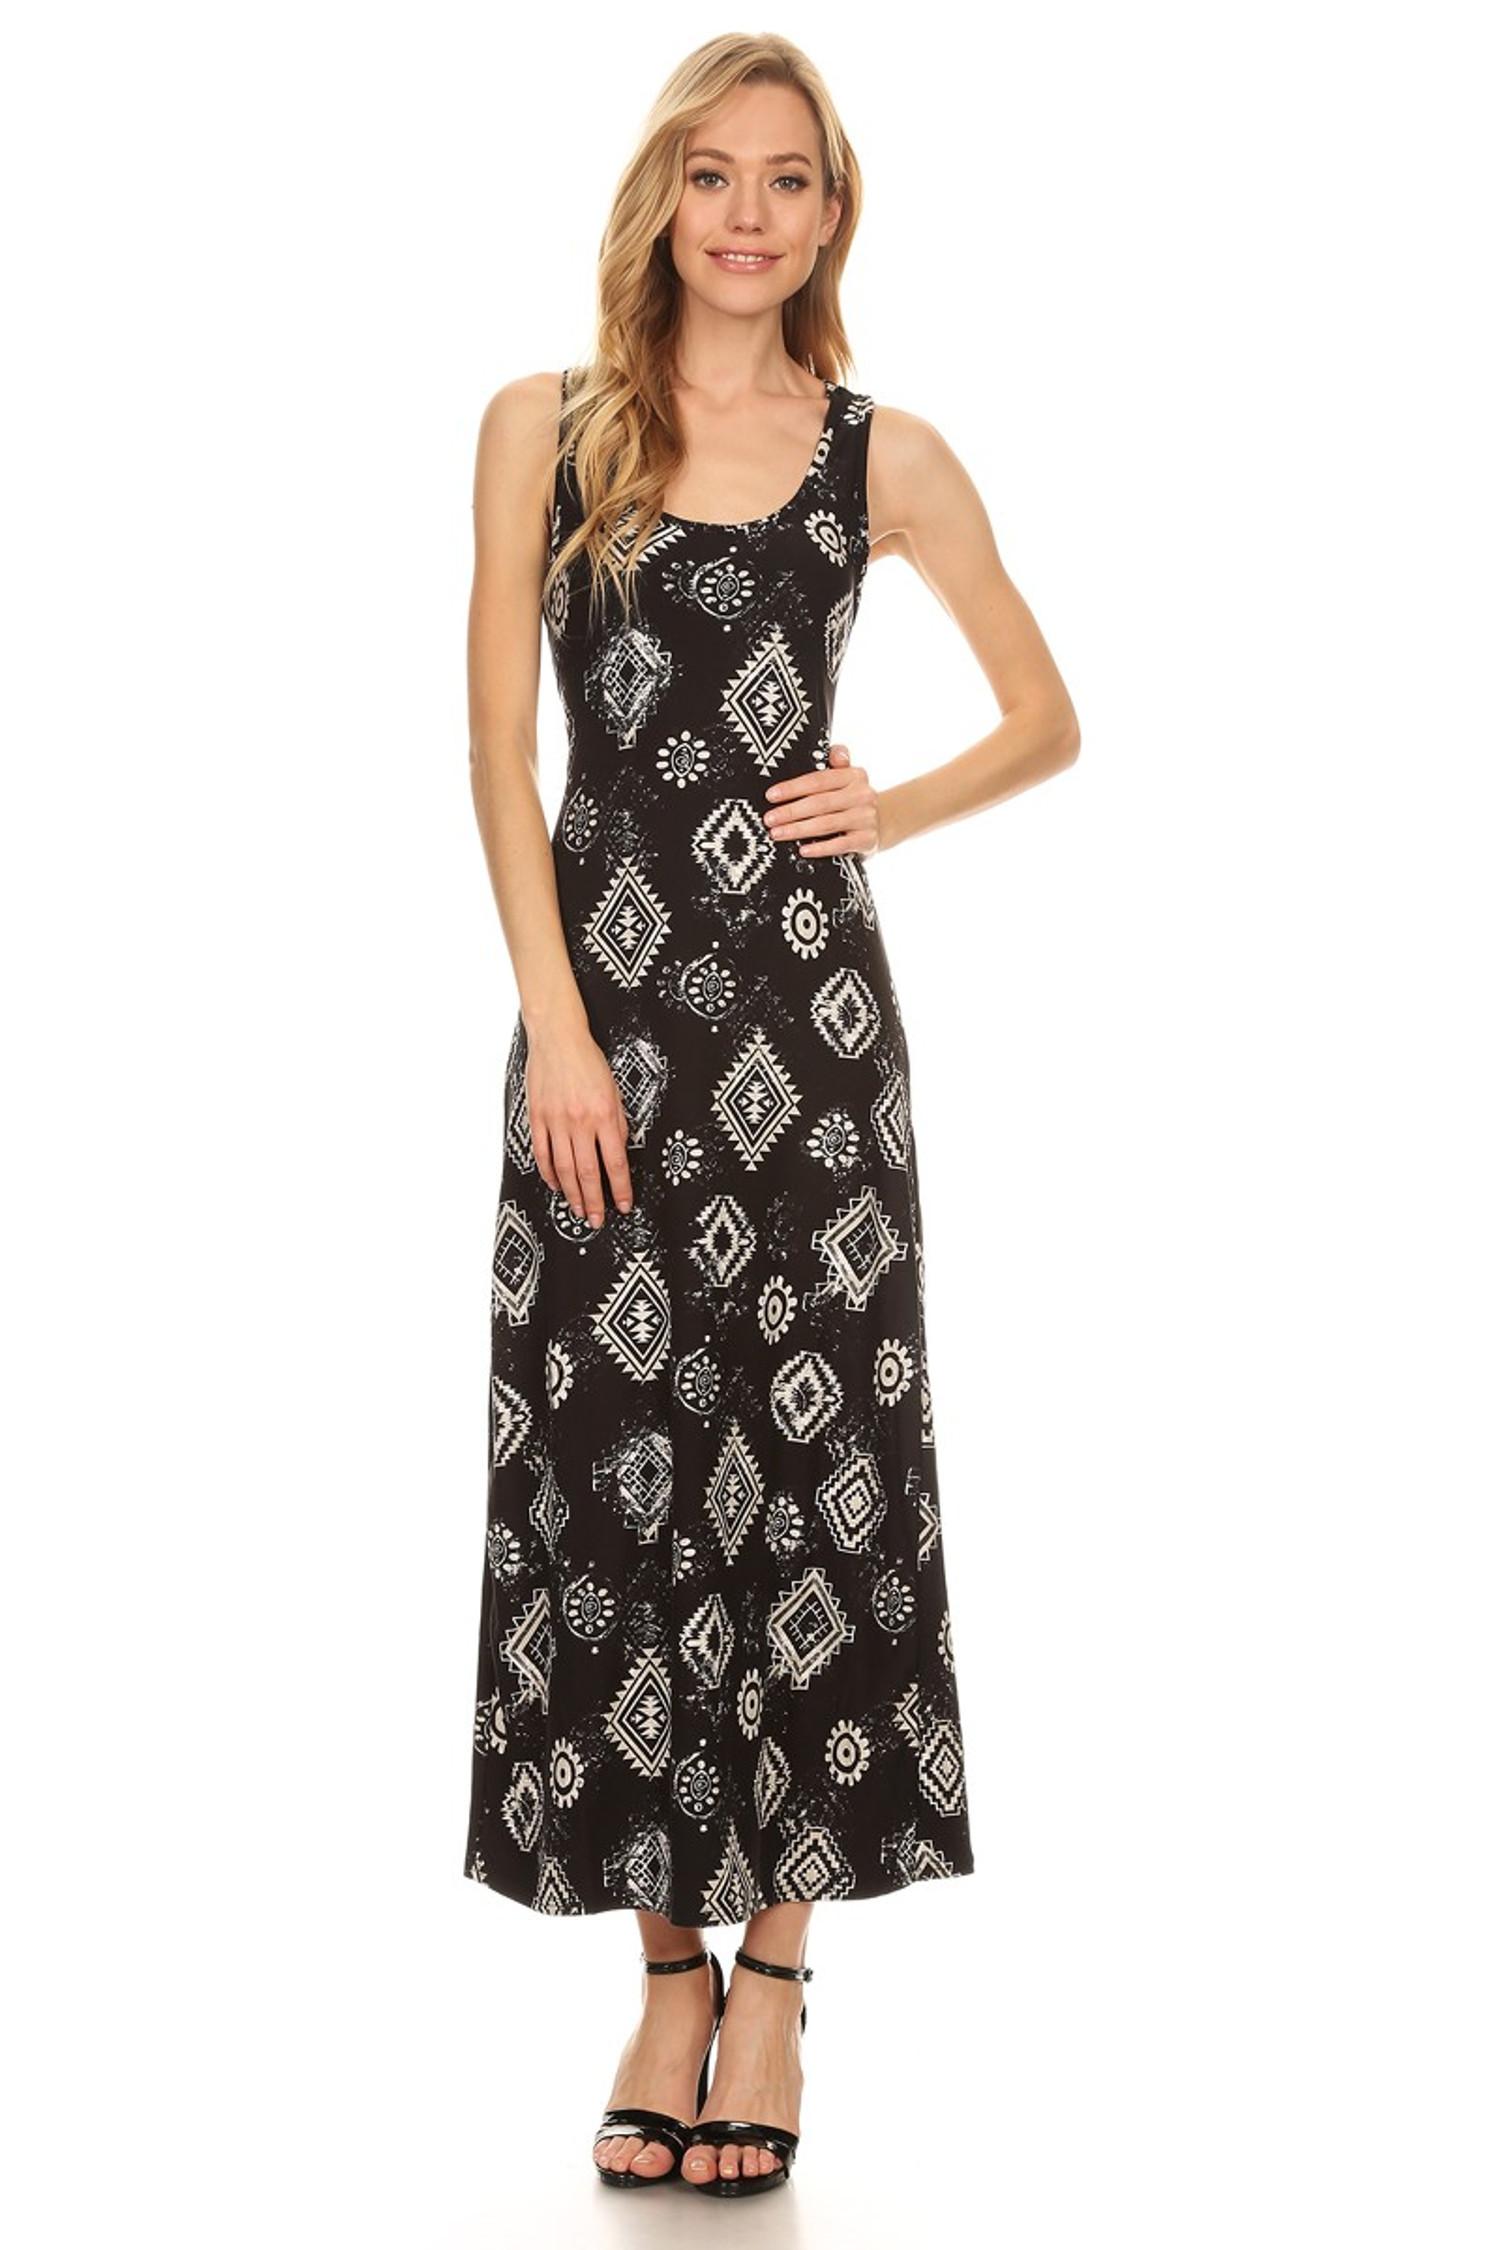 Regalia Tribal Maxi Dress